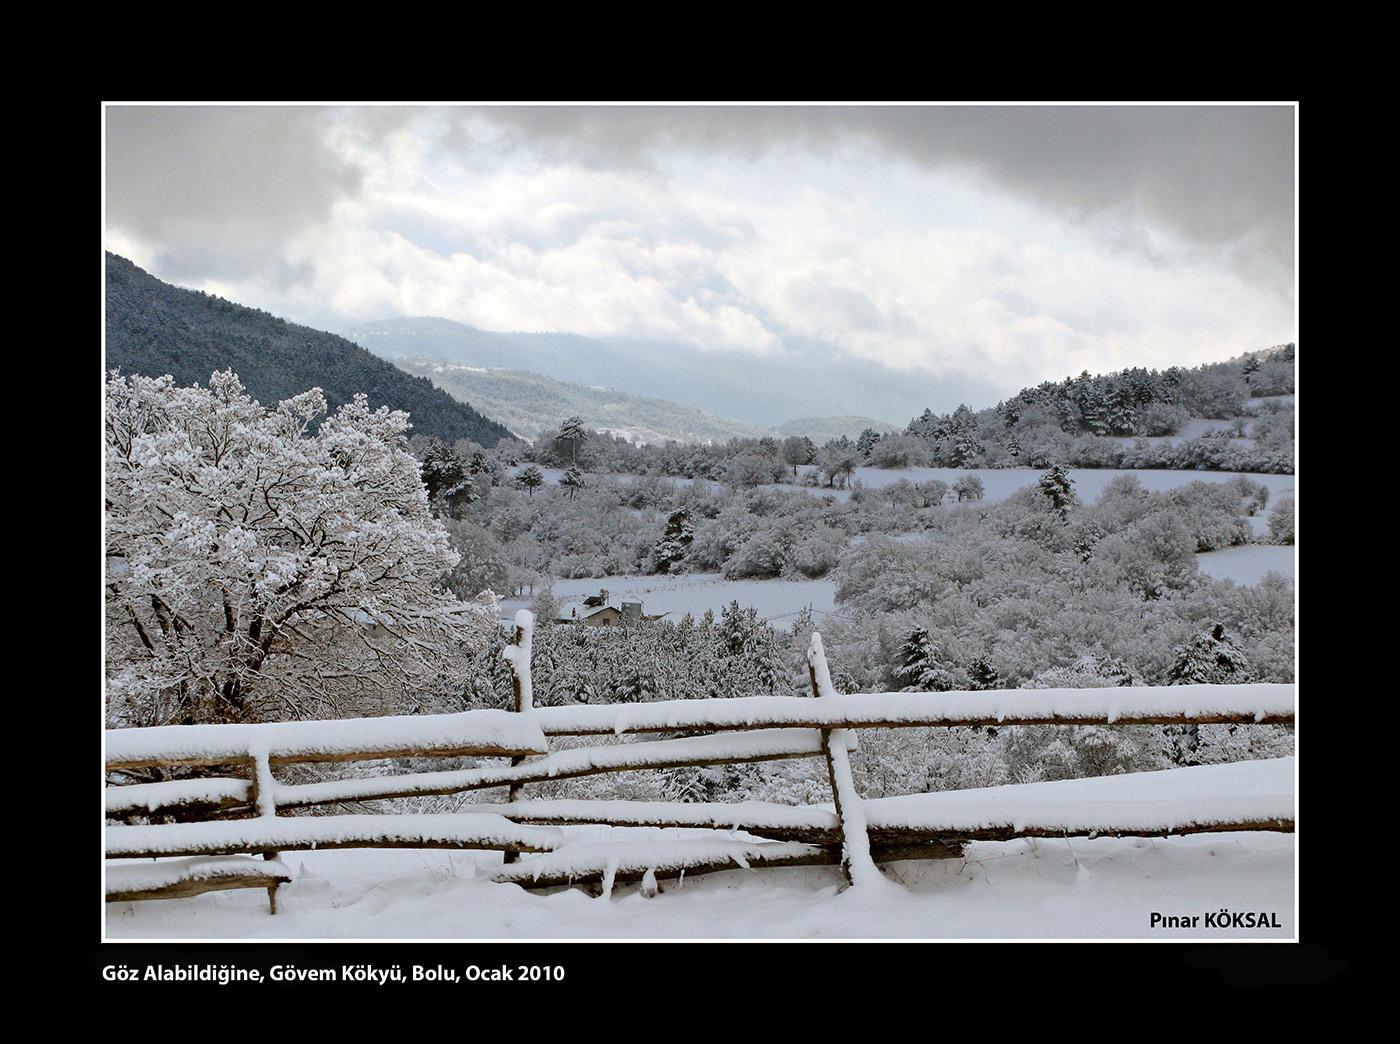 Göz Alabildiğine, Gövem Köyü, Bolu, Ocak 2010